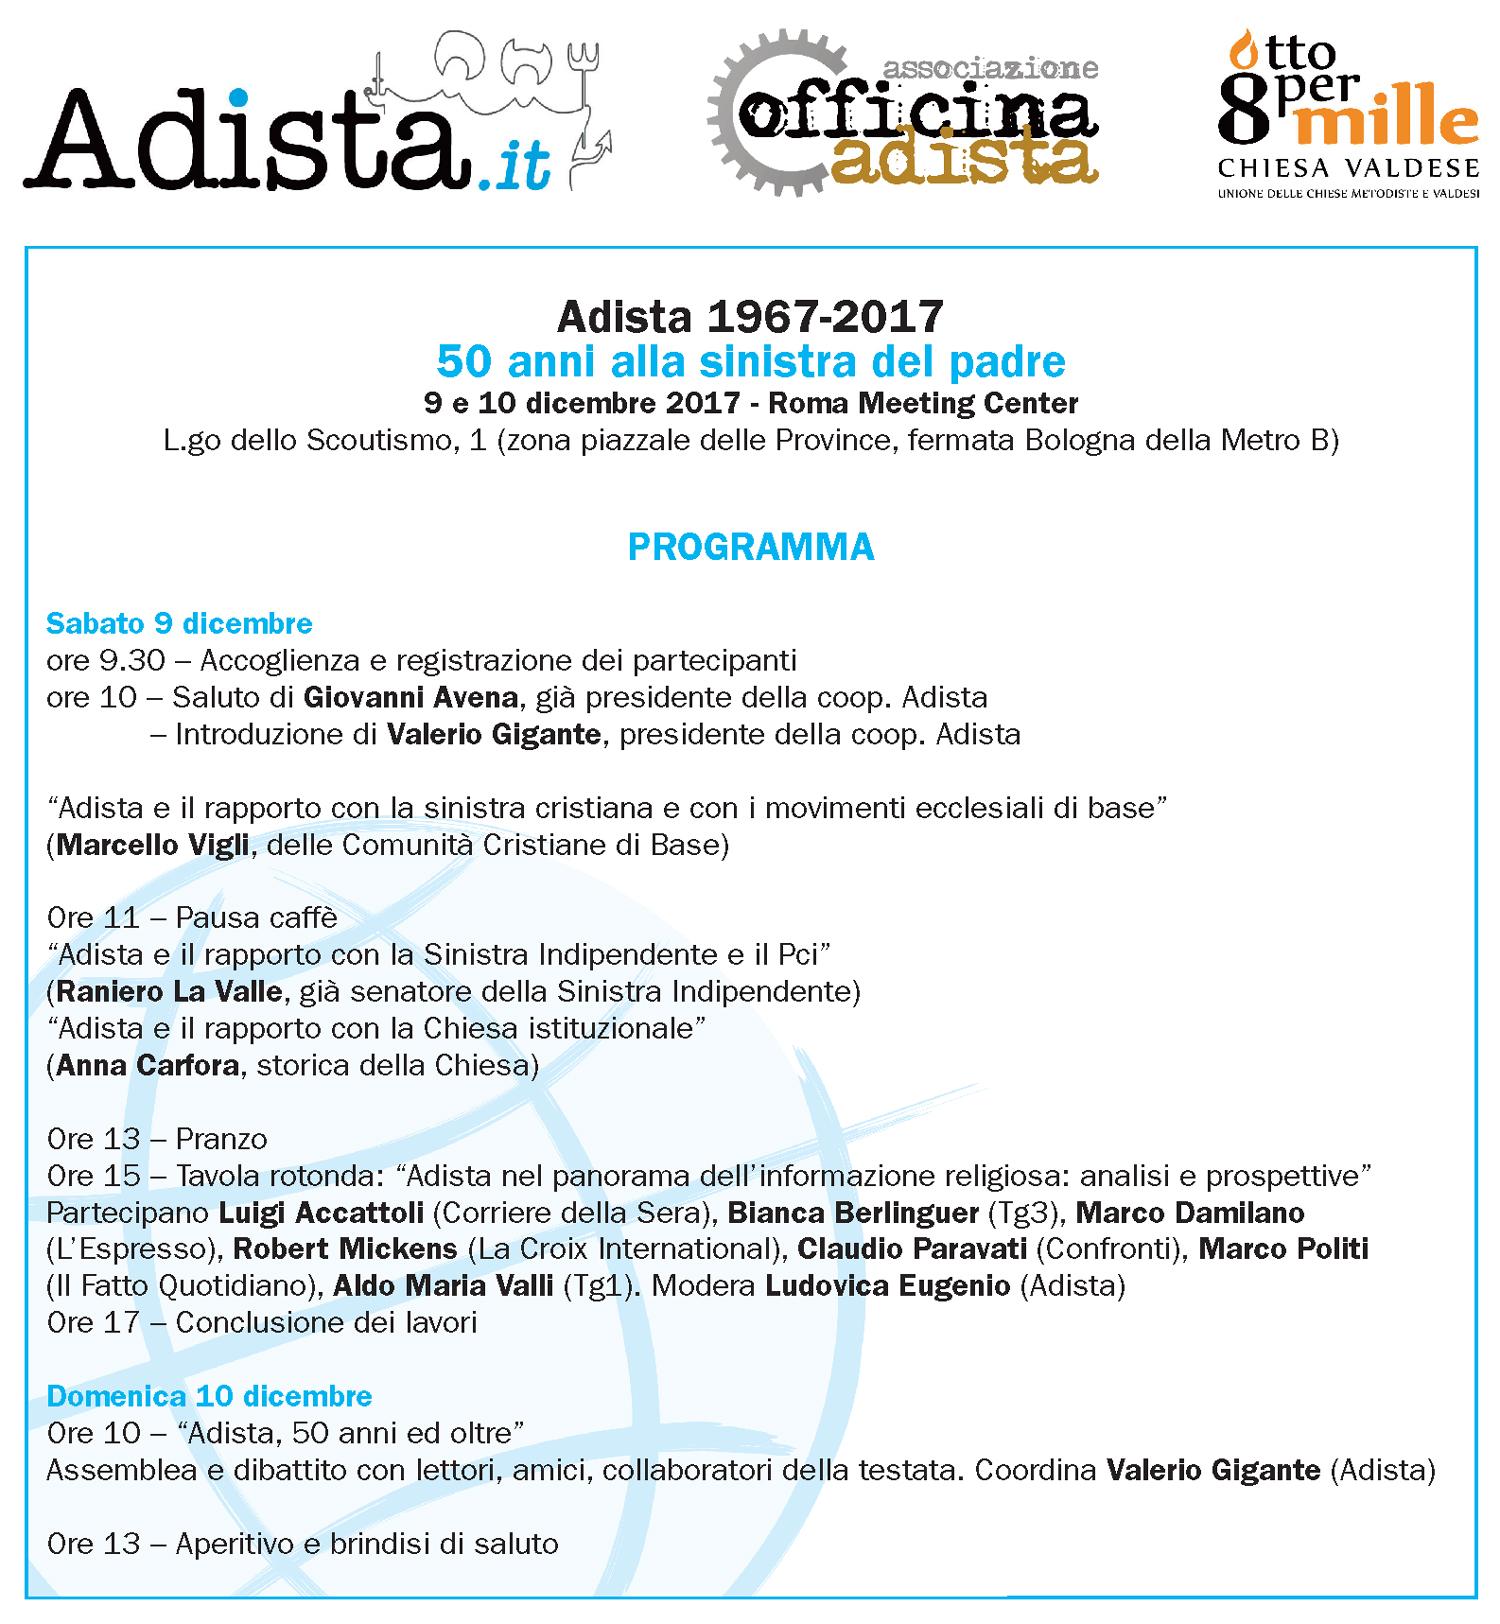 ADISTA 1967 – 2017, 50 ANNI A SINISTRA DEL PADRE